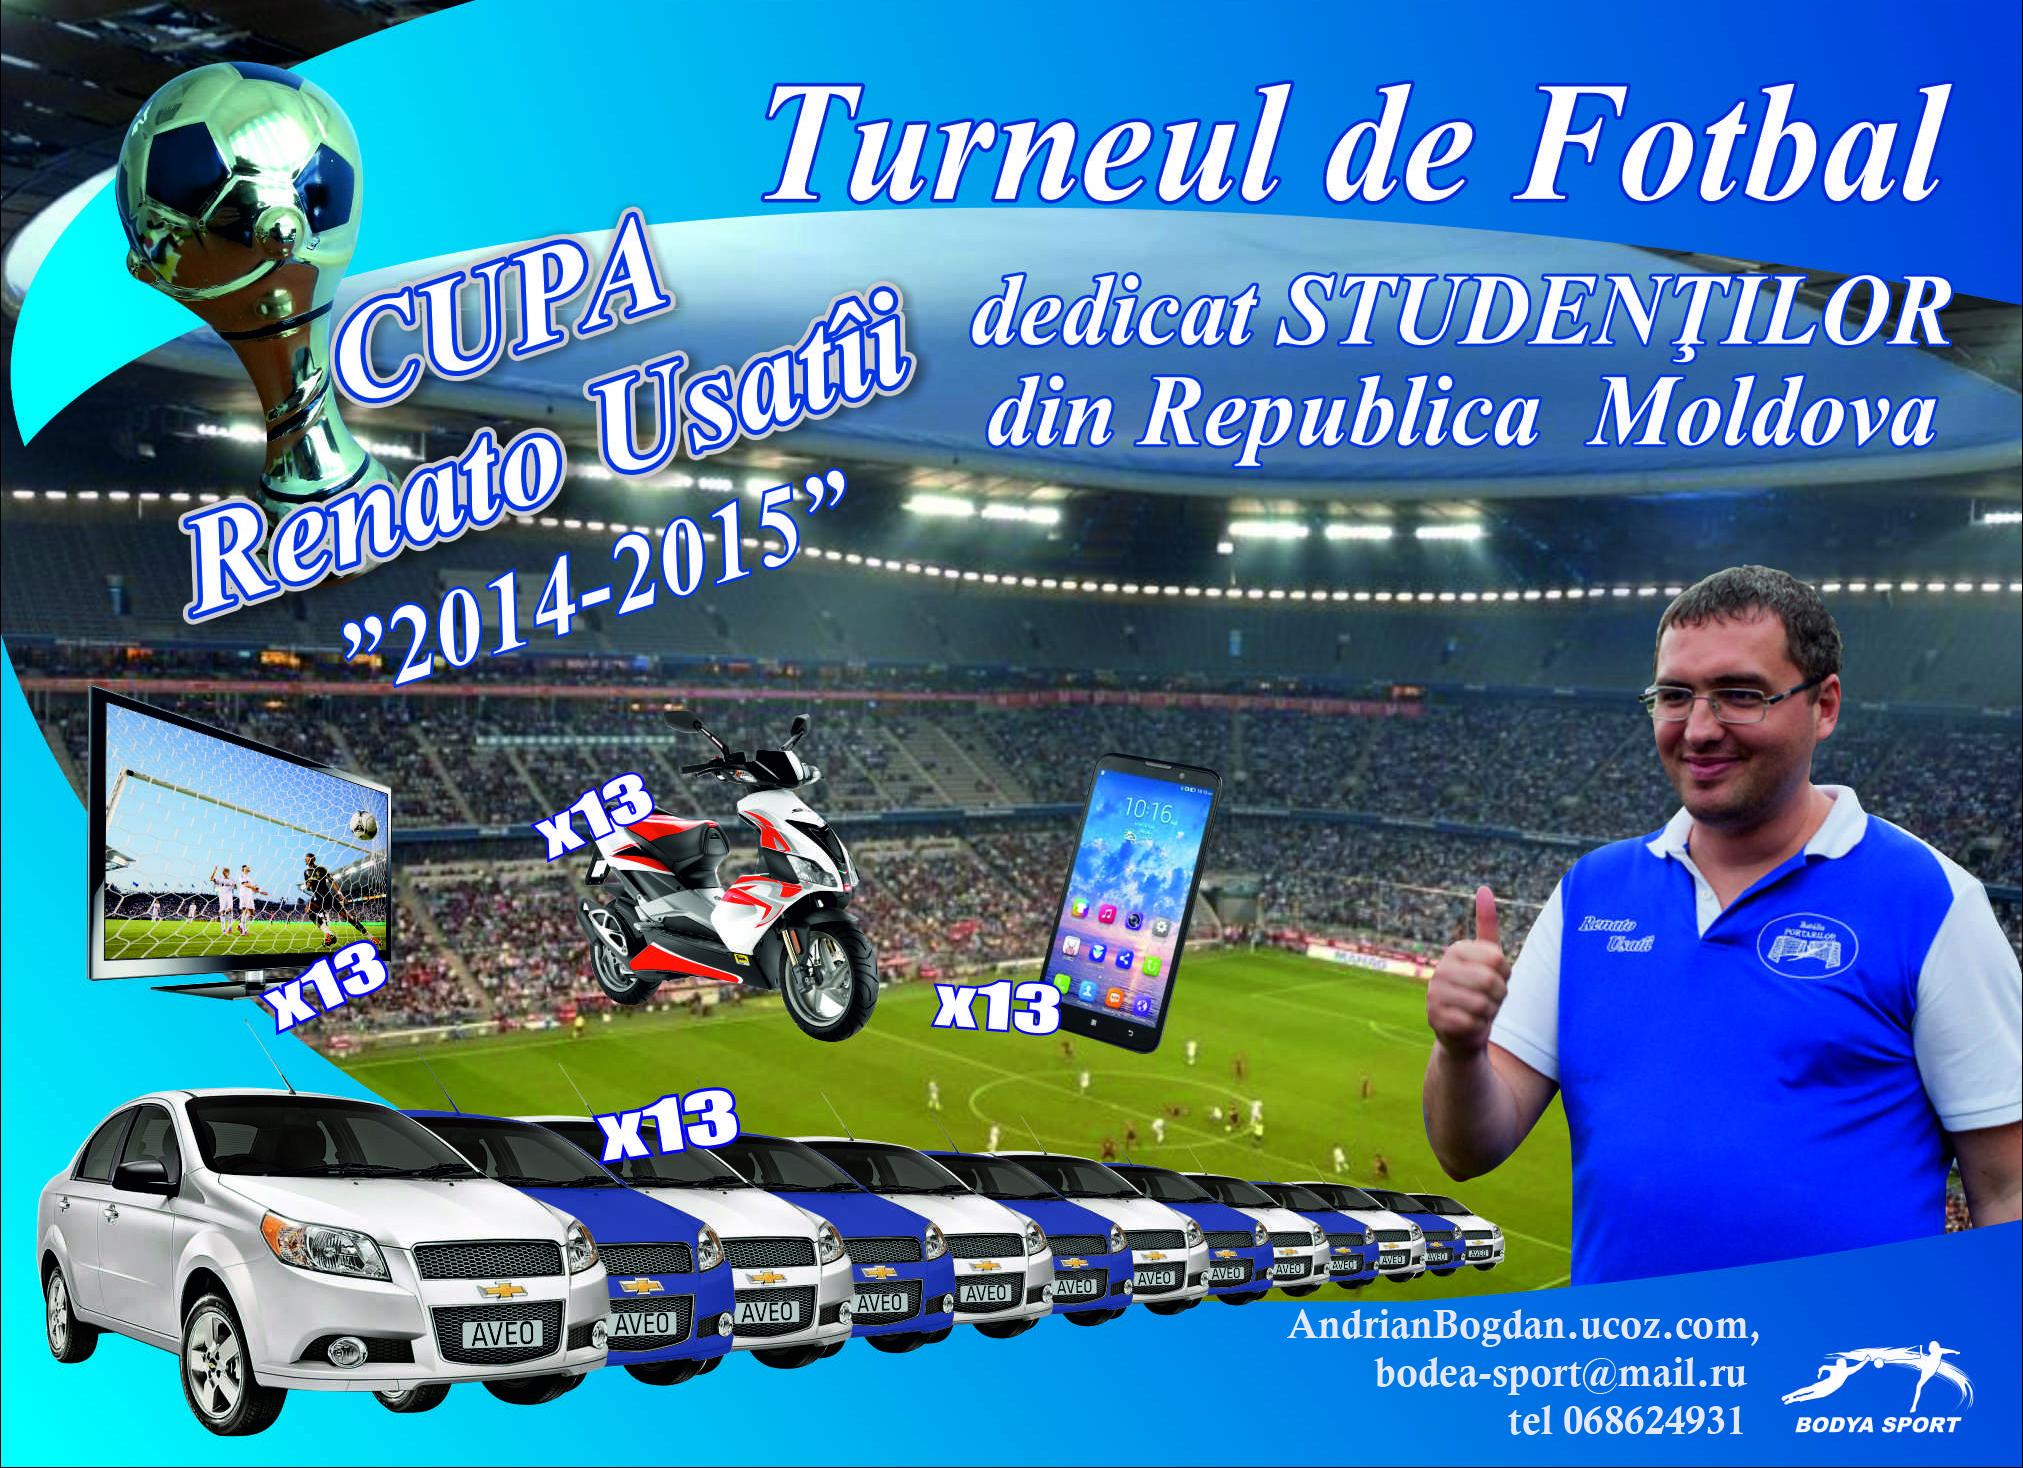 13 автомобилей станут главным призом в турнире по футболу «Кубок Ренато Усатого 2014-2015»